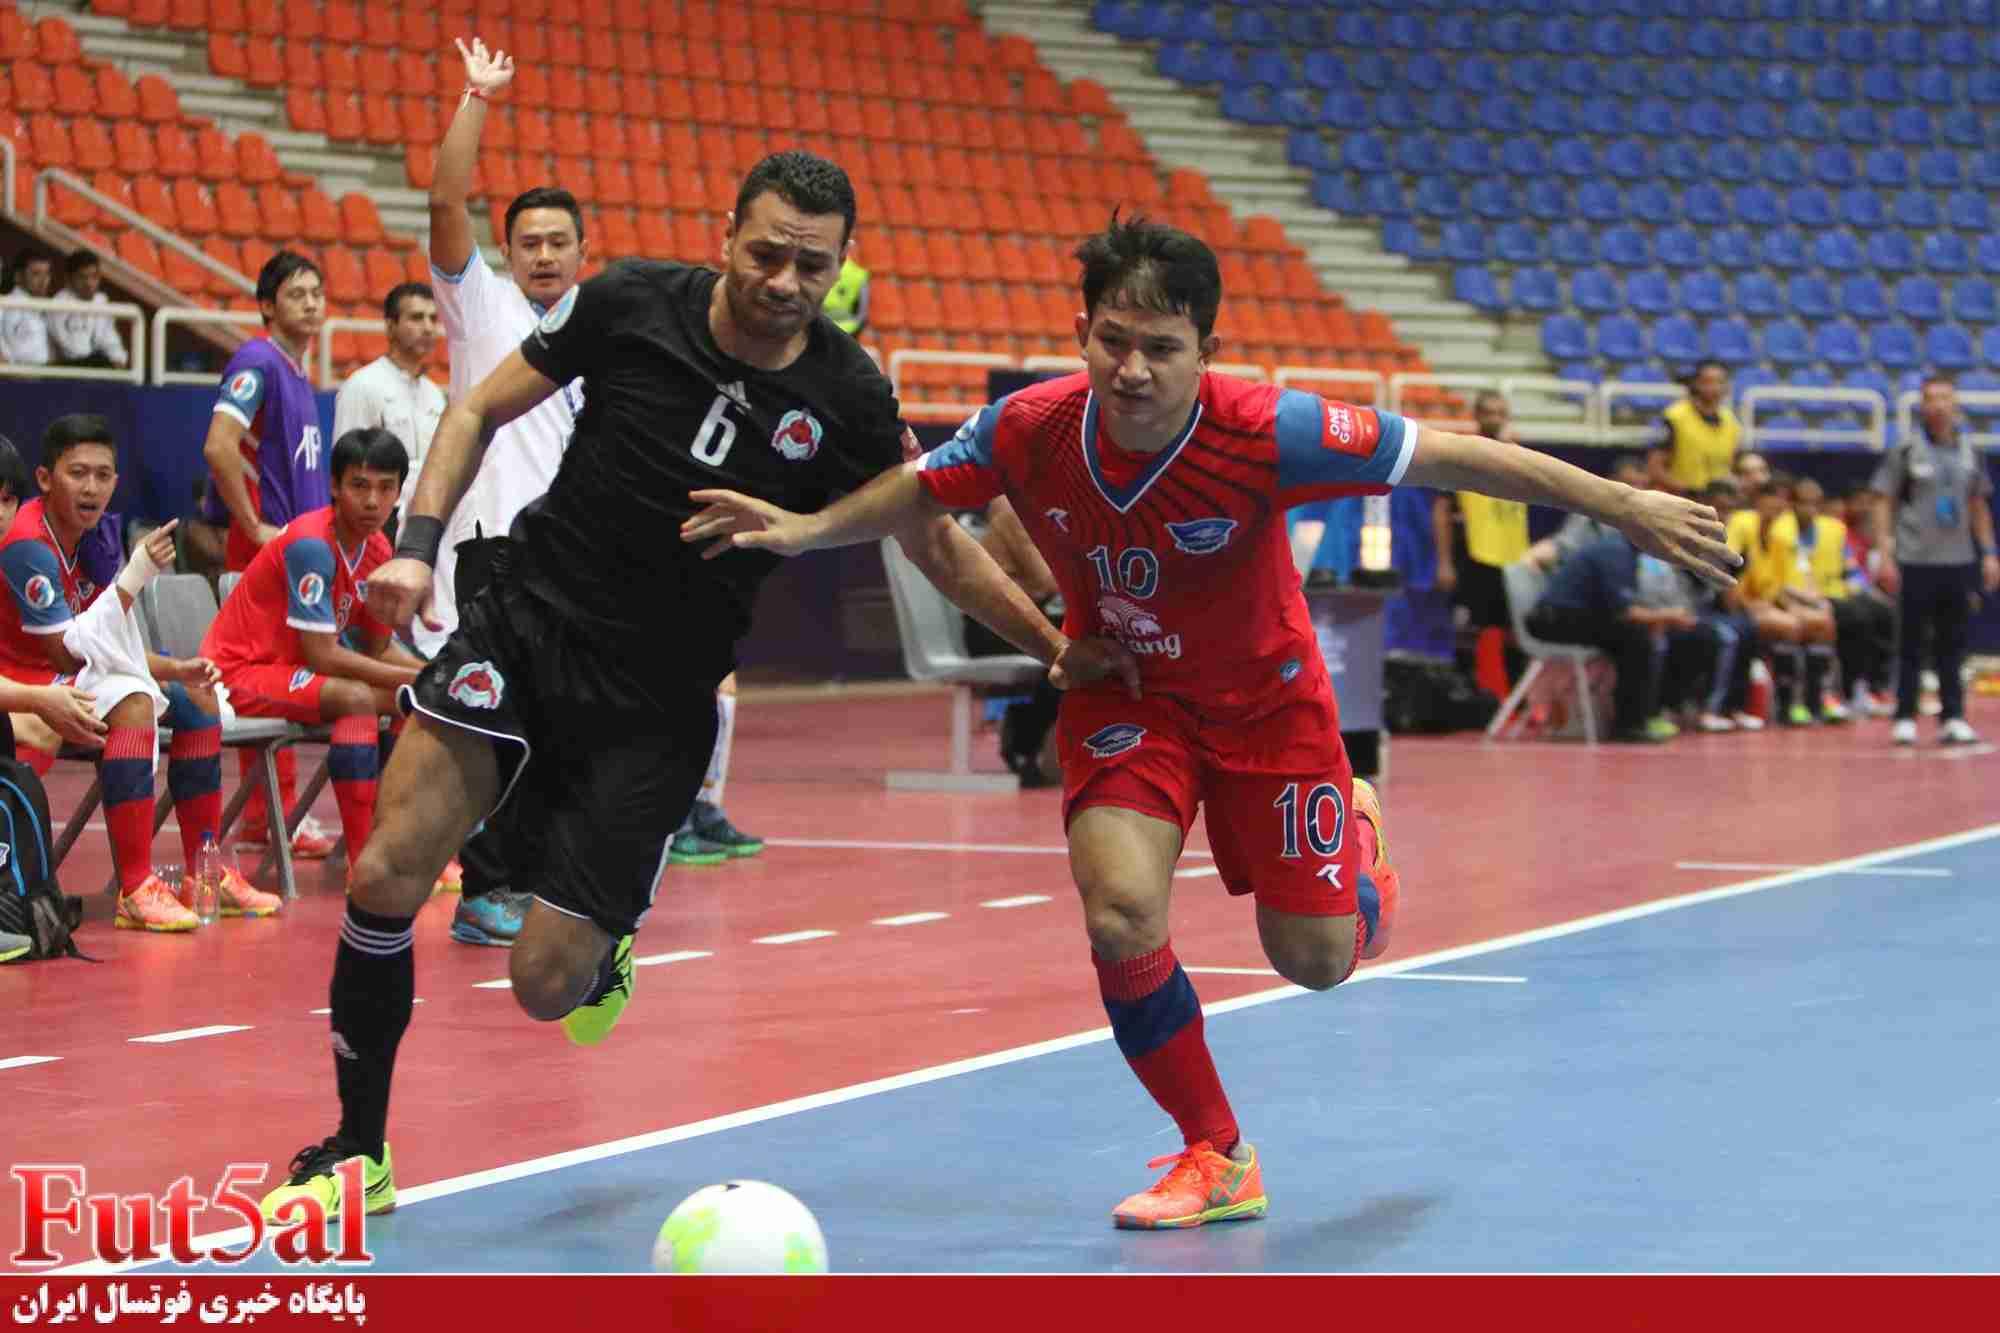 گزارش تصویری اختصاصی/بازی تیم های الریان قطر و چونبوری تایلند